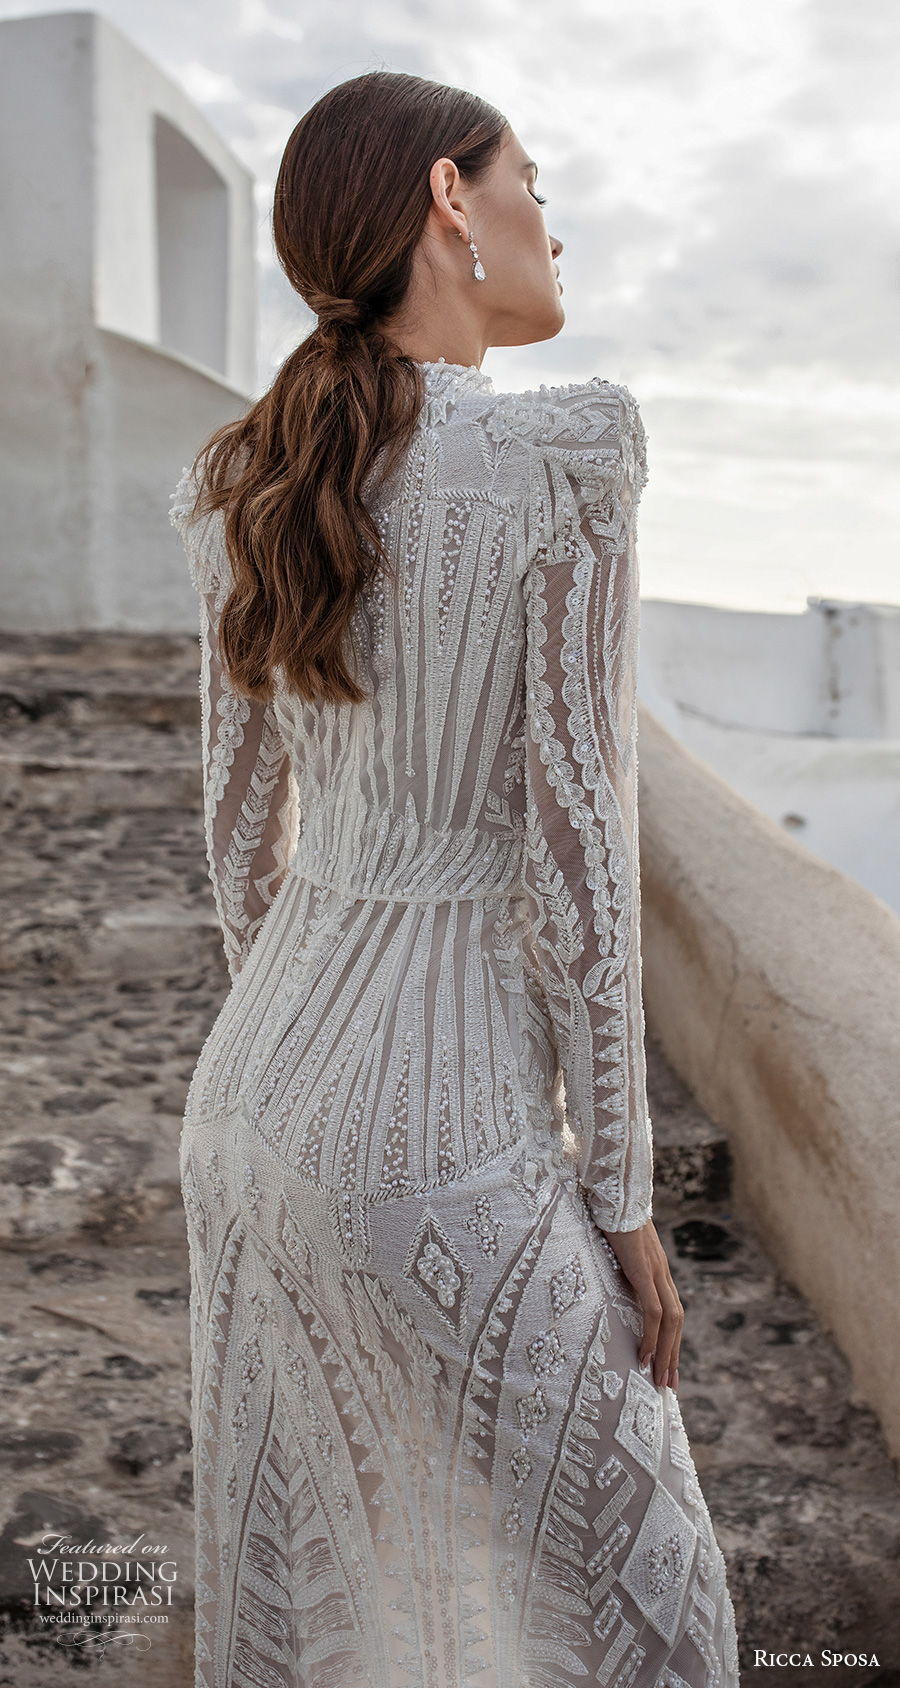 ricca sposa 2021 bridal long sleeves high neck full embellishment slit skirt elegant glamorous sheath wedding dress covered back sweep train (13) zbv